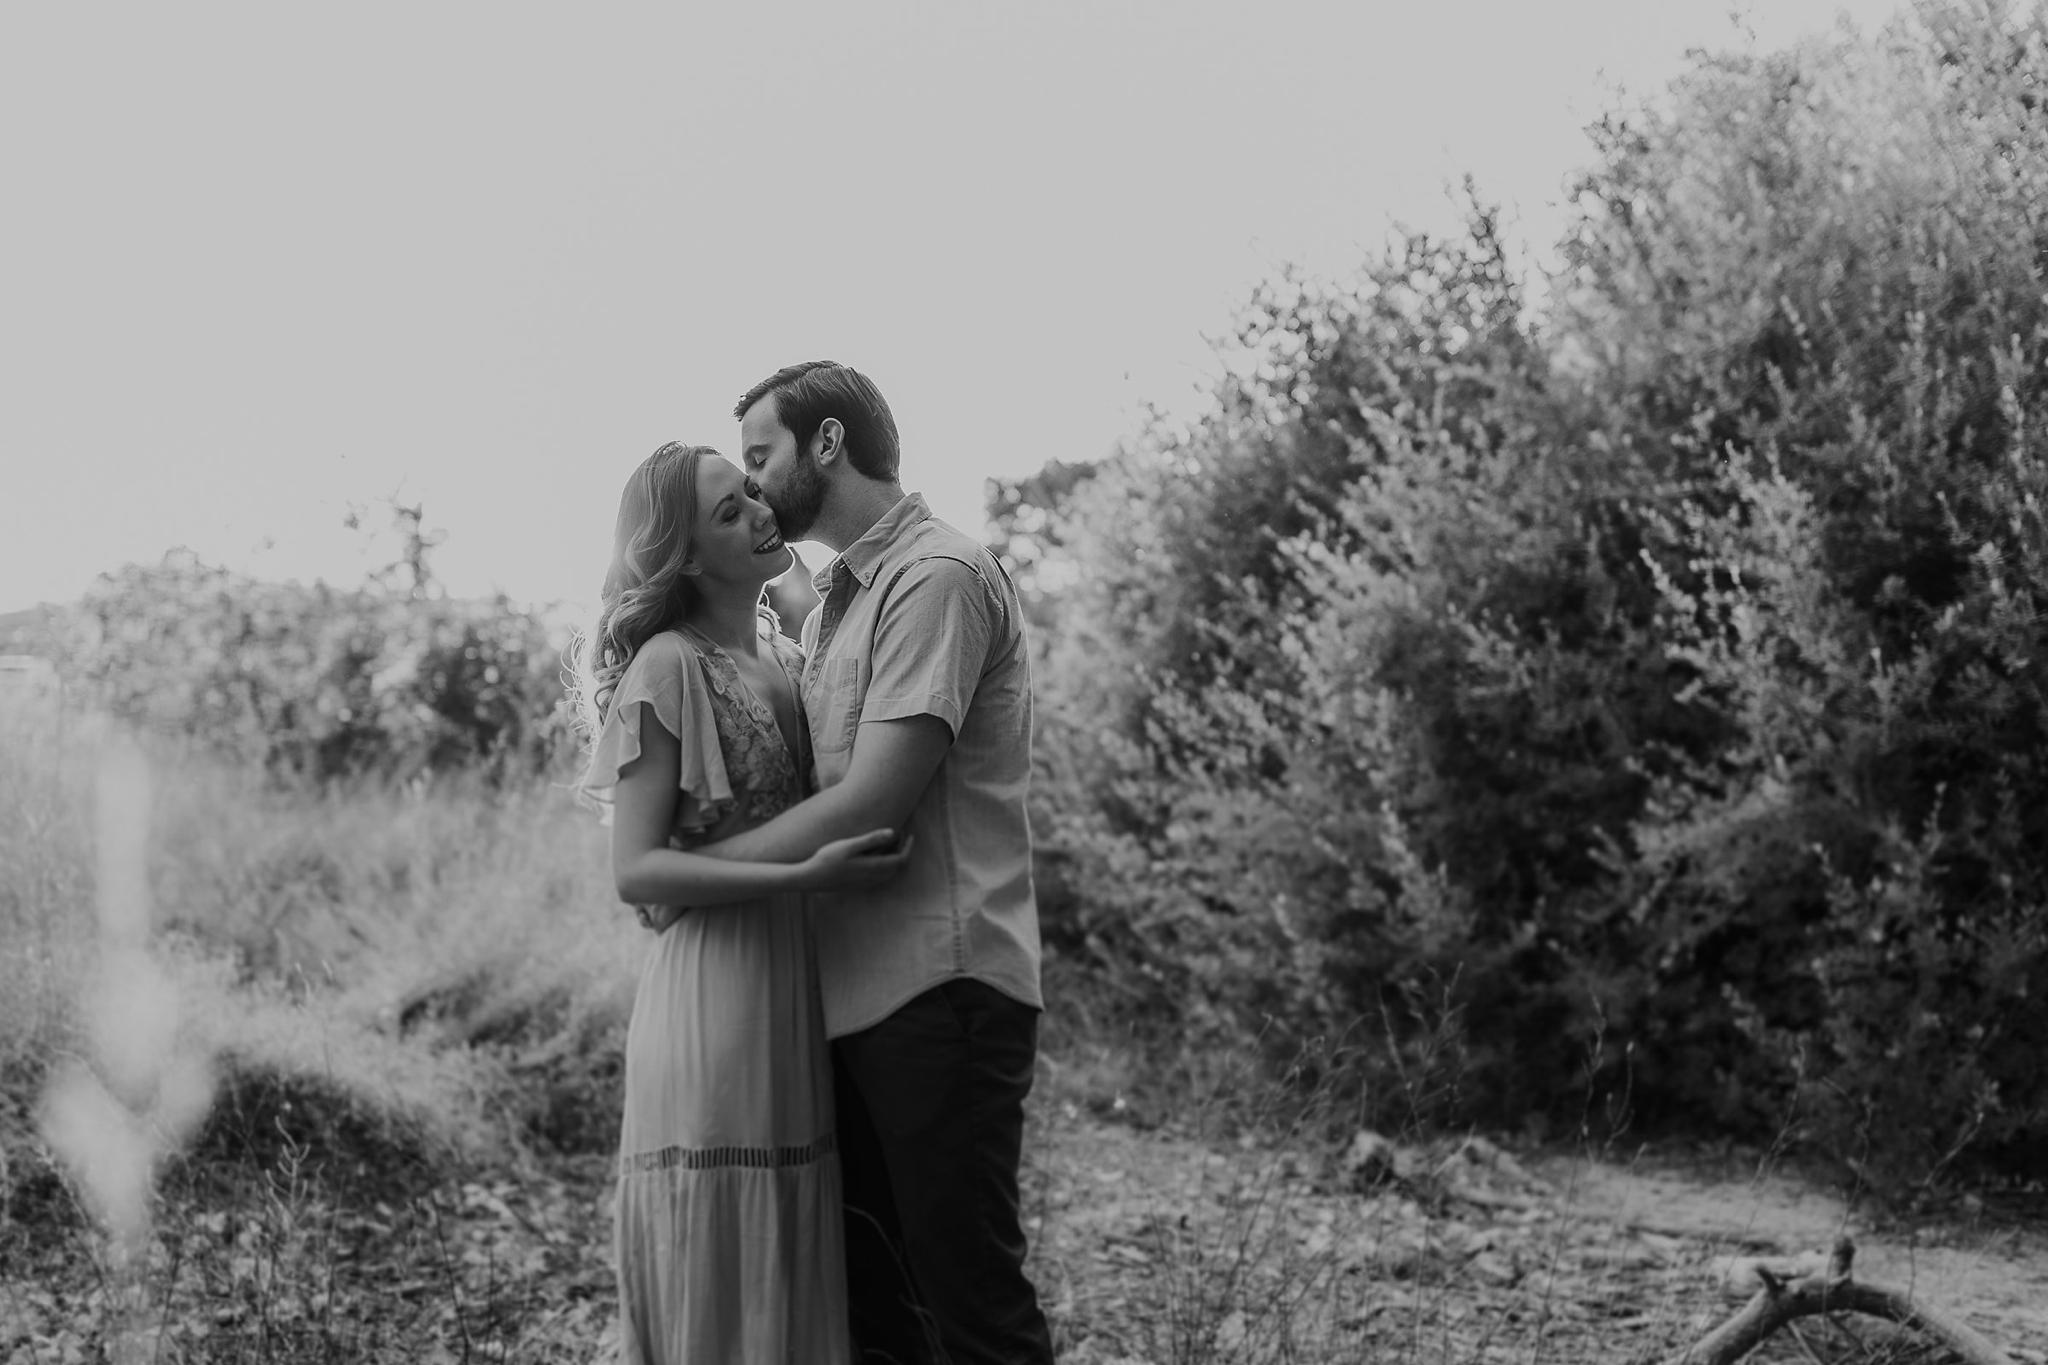 Alicia+lucia+photography+-+albuquerque+wedding+photographer+-+santa+fe+wedding+photography+-+new+mexico+wedding+photographer+-+new+mexico+wedding+-+wedding+photographer+-+wedding+photographer+team_0256.jpg